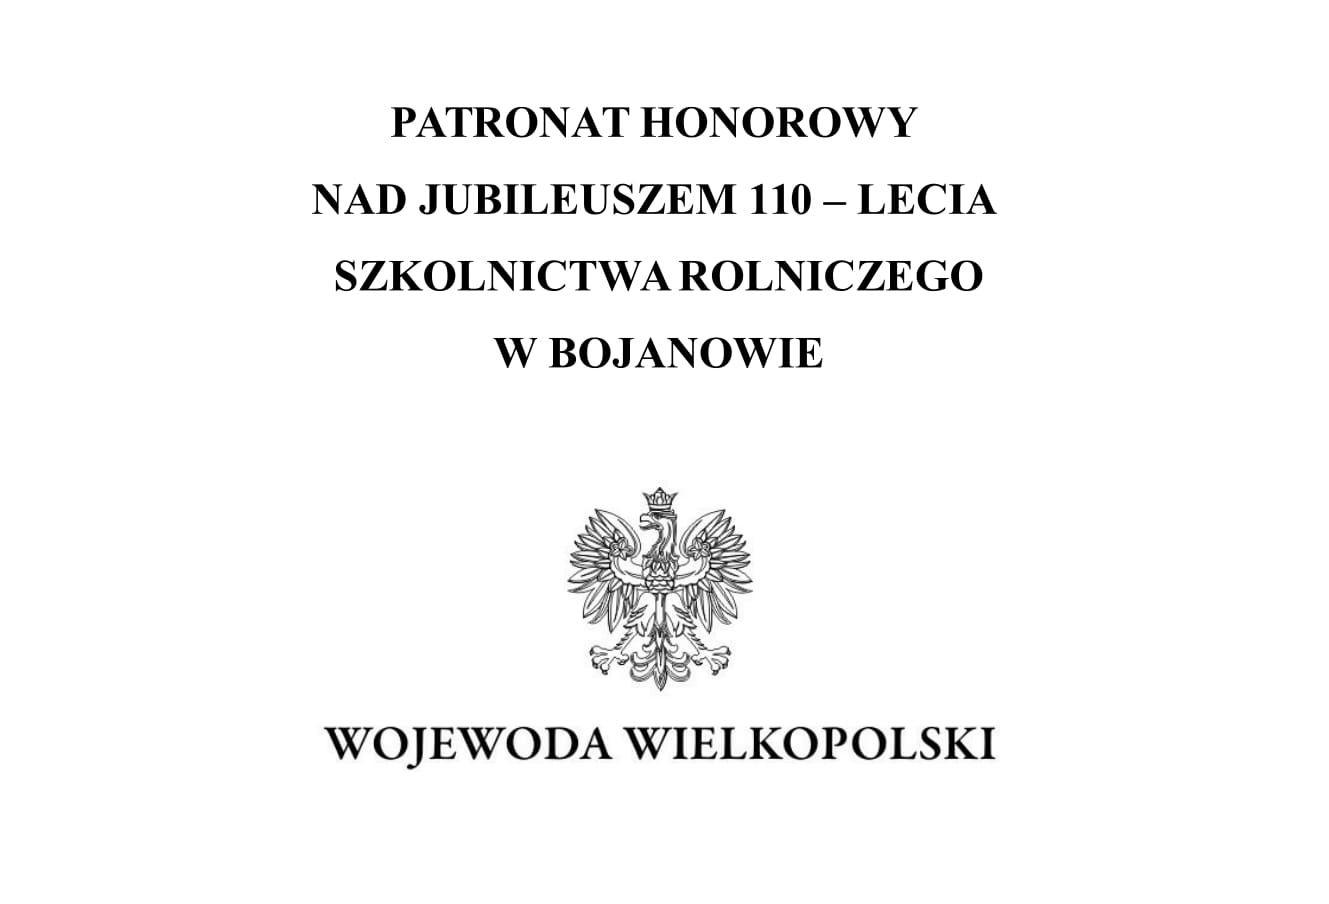 PATRONAT HONOROWY-WOJEWODA_crop1